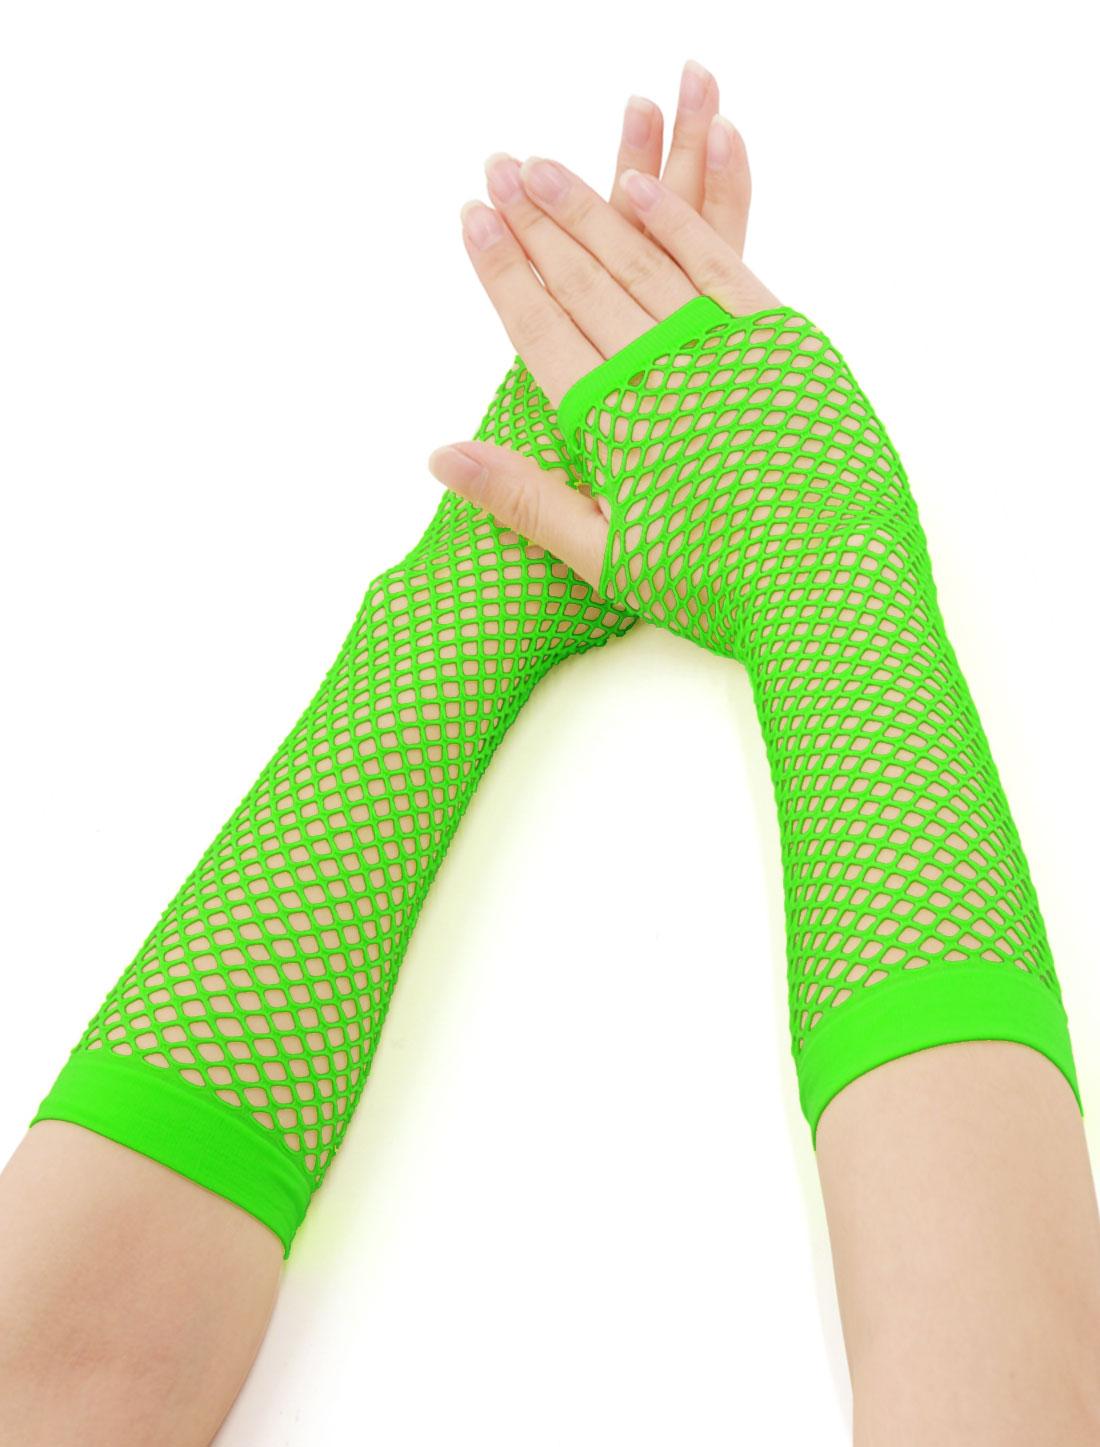 Buy 1 Get 1 Free | Women's Elbow Length Fingerless Fishnet Gloves Green